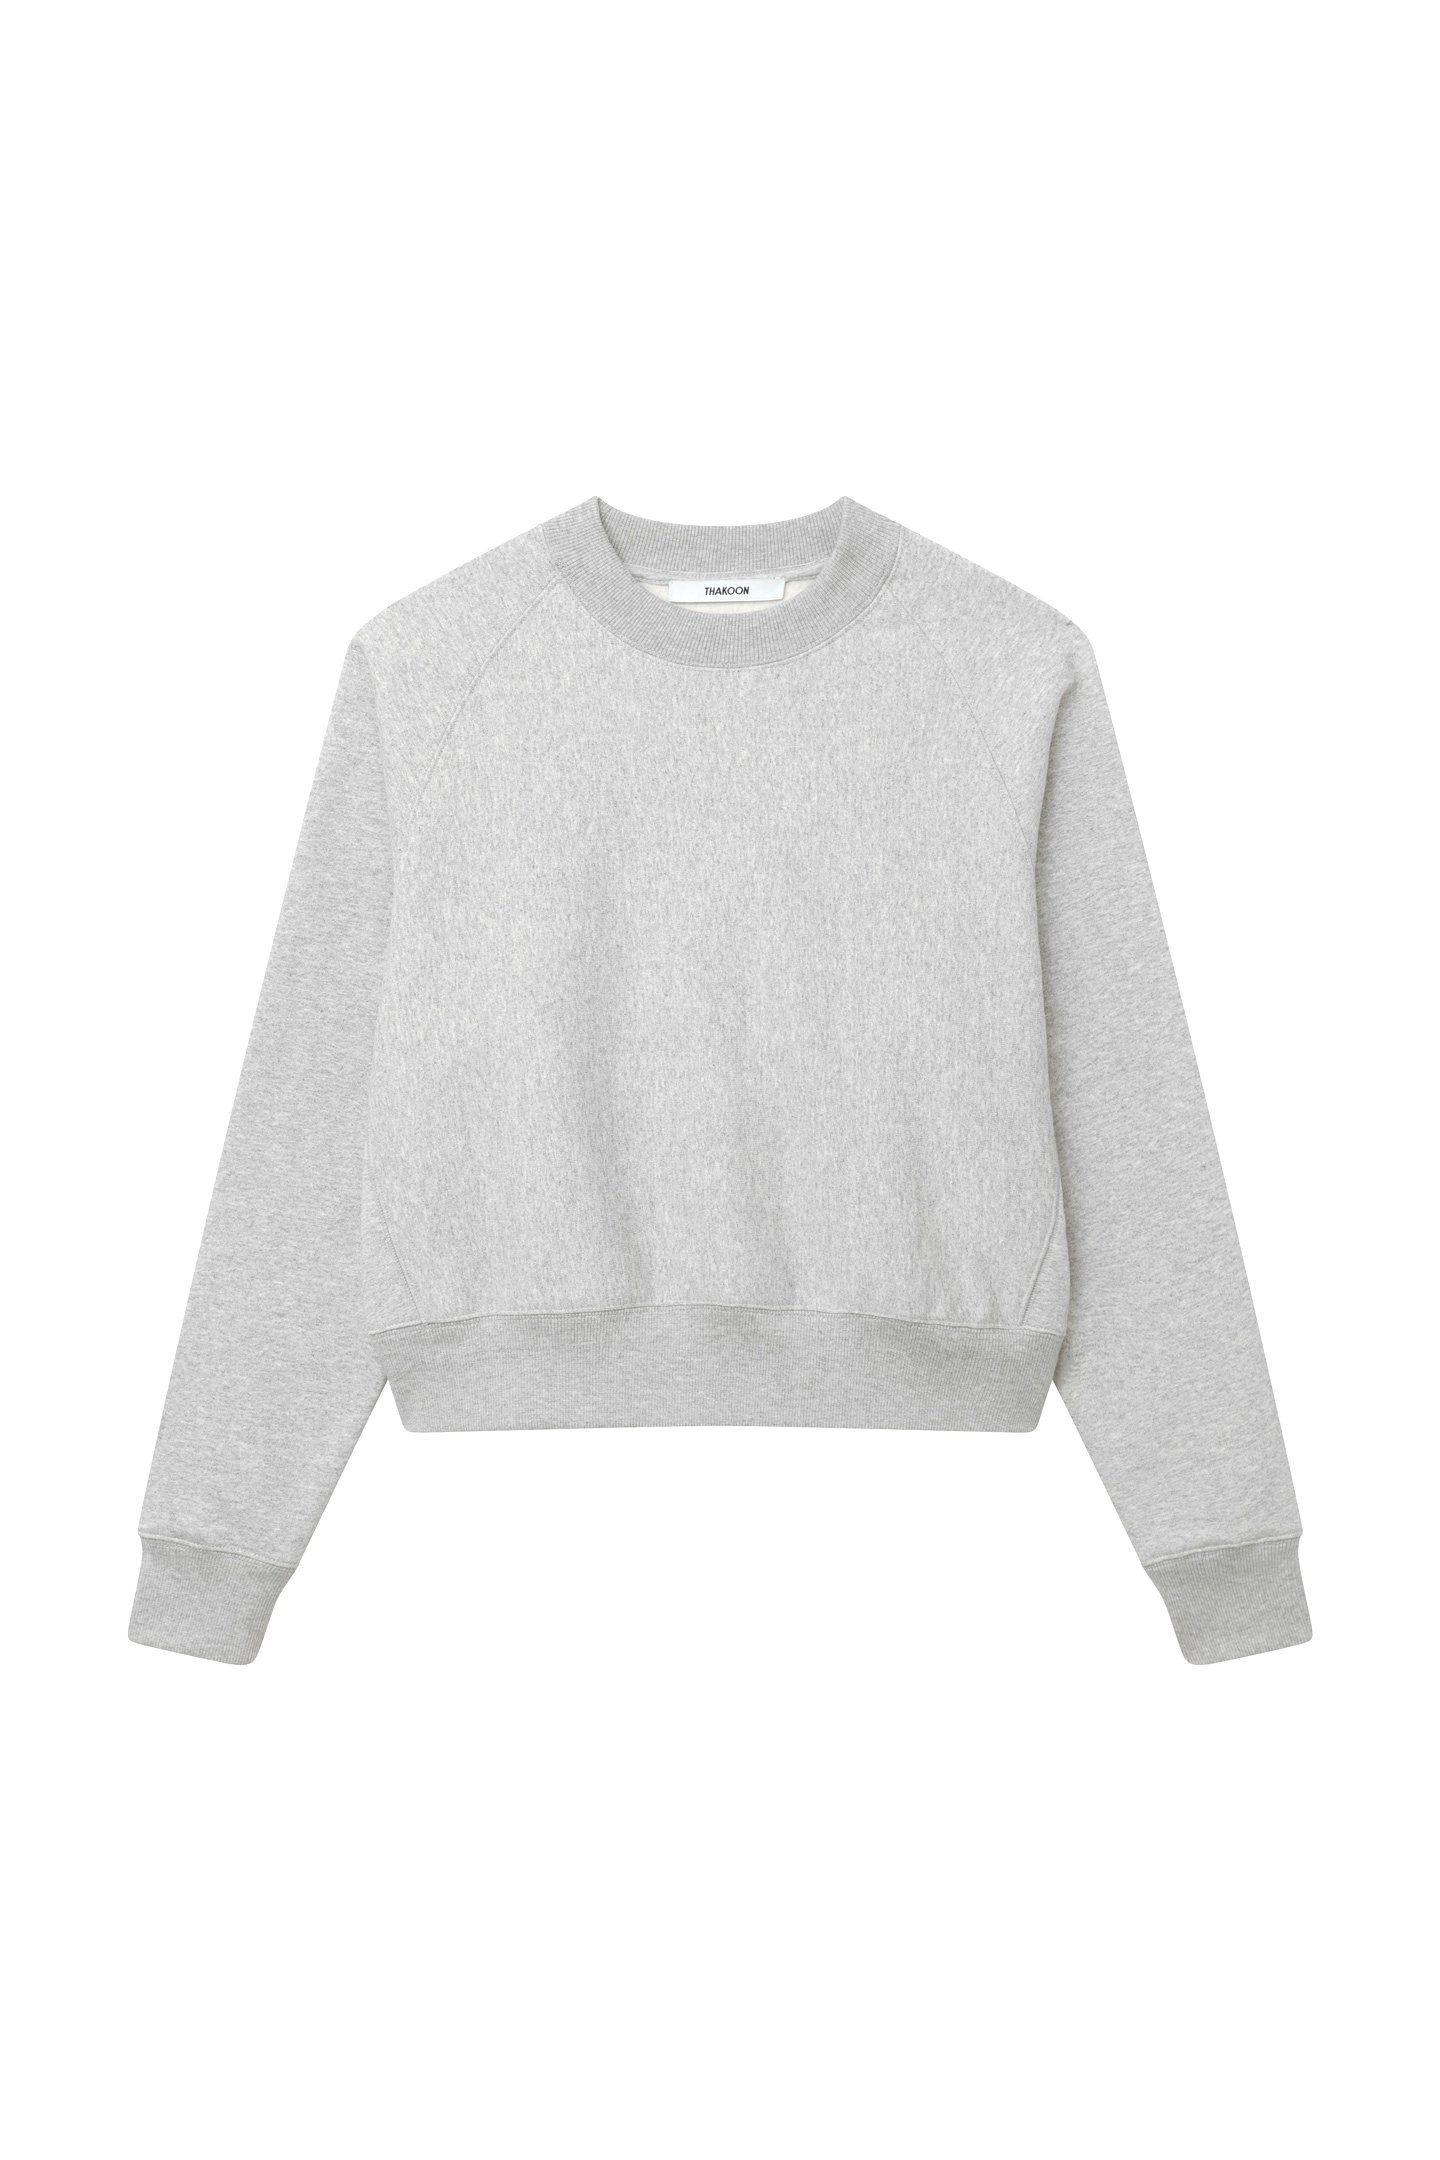 Thakoon Crewneck Sweatshirt Crew Neck Sweatshirt Sweatshirts Chunky Turtleneck Sweater [ 2160 x 1440 Pixel ]